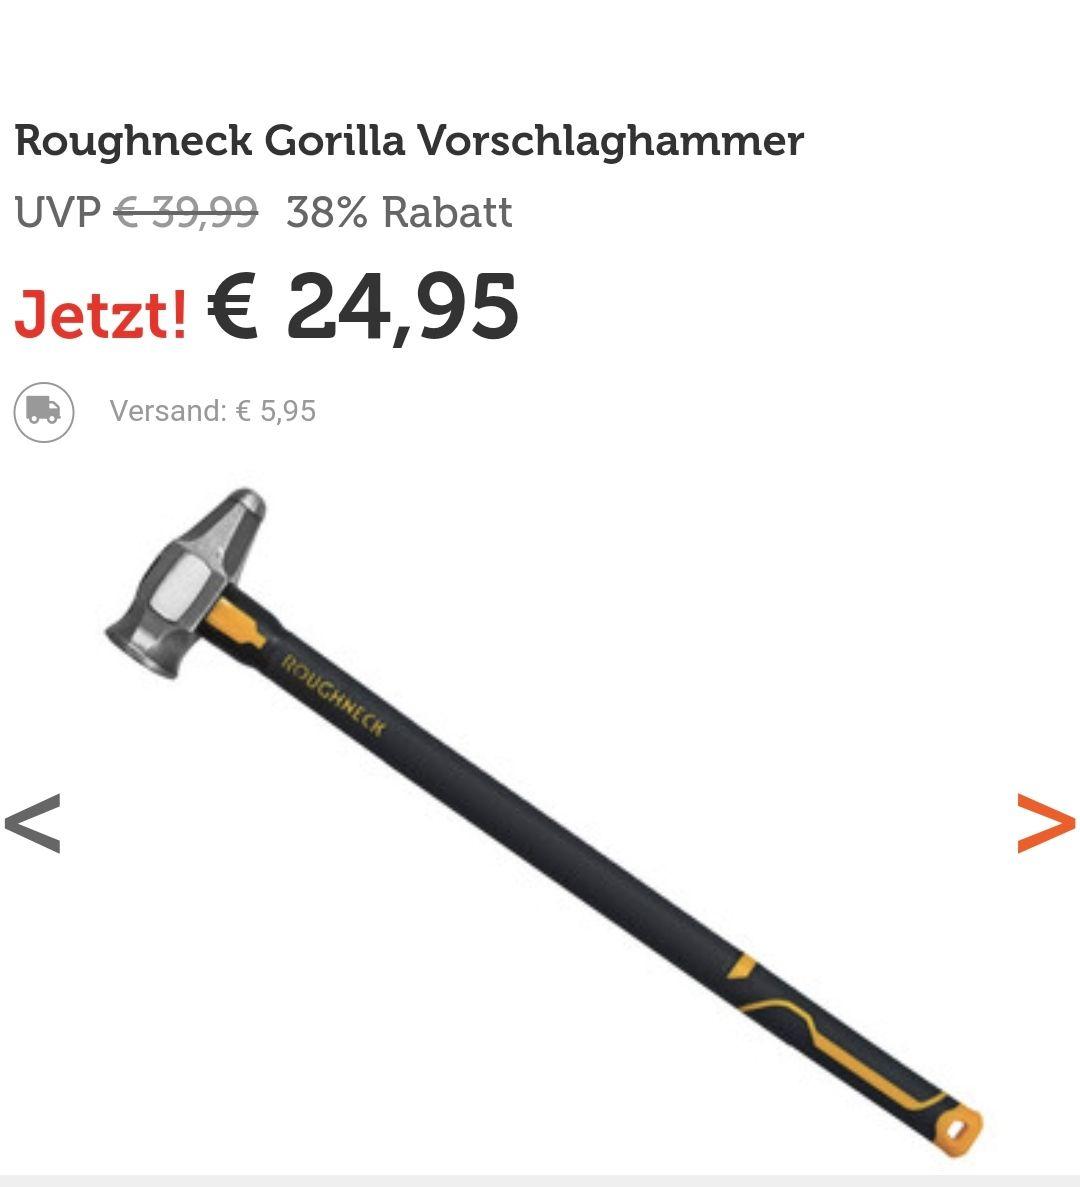 Roughneck Gorilla Vorschlaghammer (3,6kg)